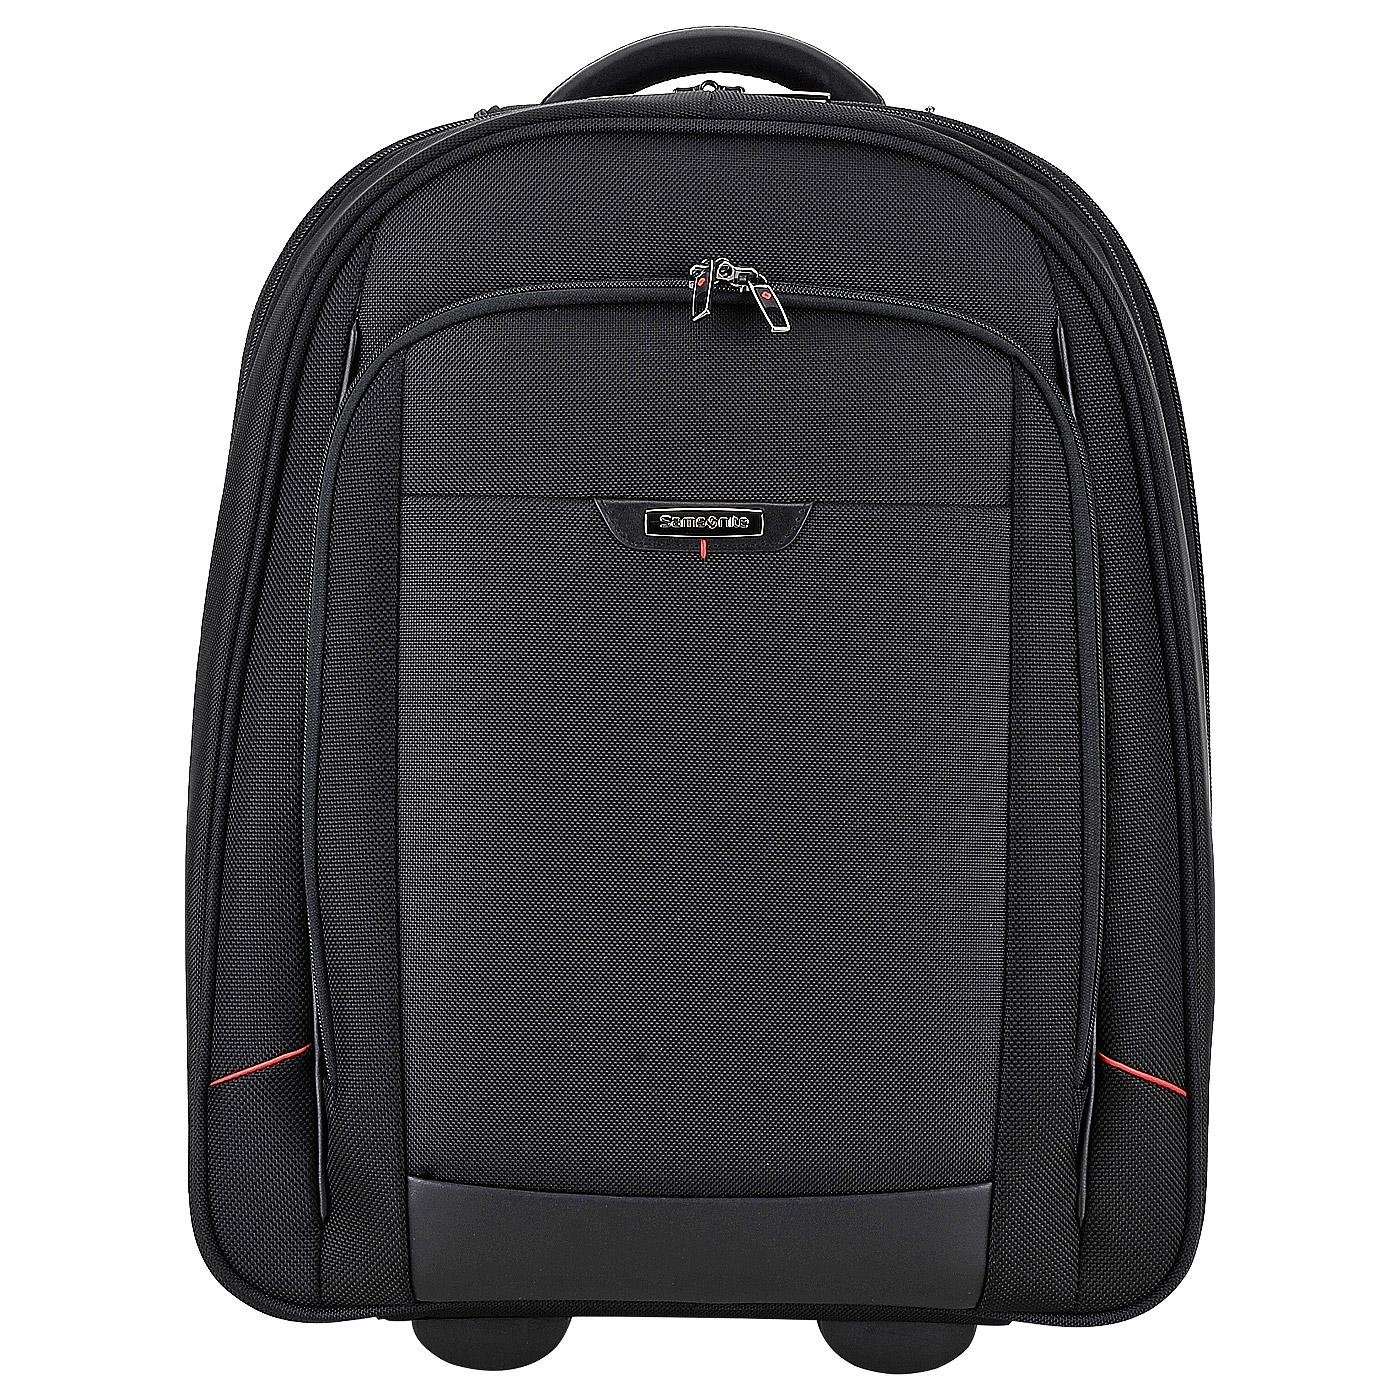 Рюкзак на колесах Samsonite Pro-DLX 4 35V09020 - 2000557582767 ... a24f565c311